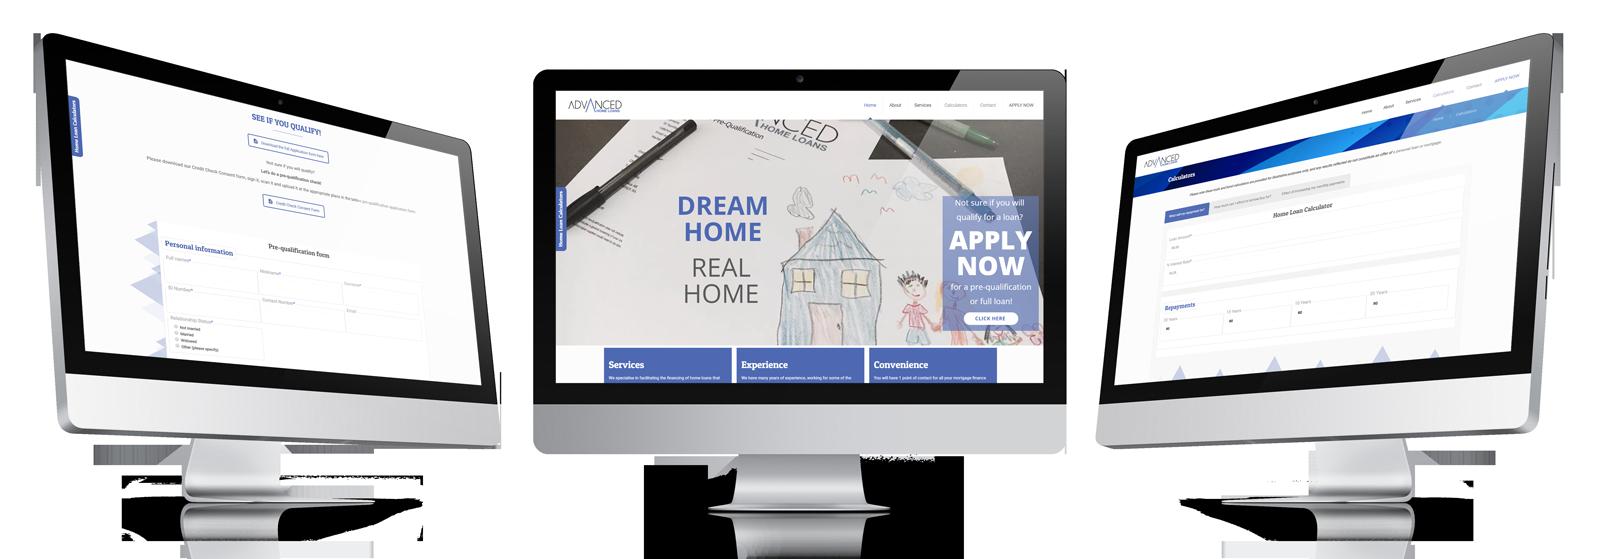 Advanced-Home-loans-Mac-x3-mockup